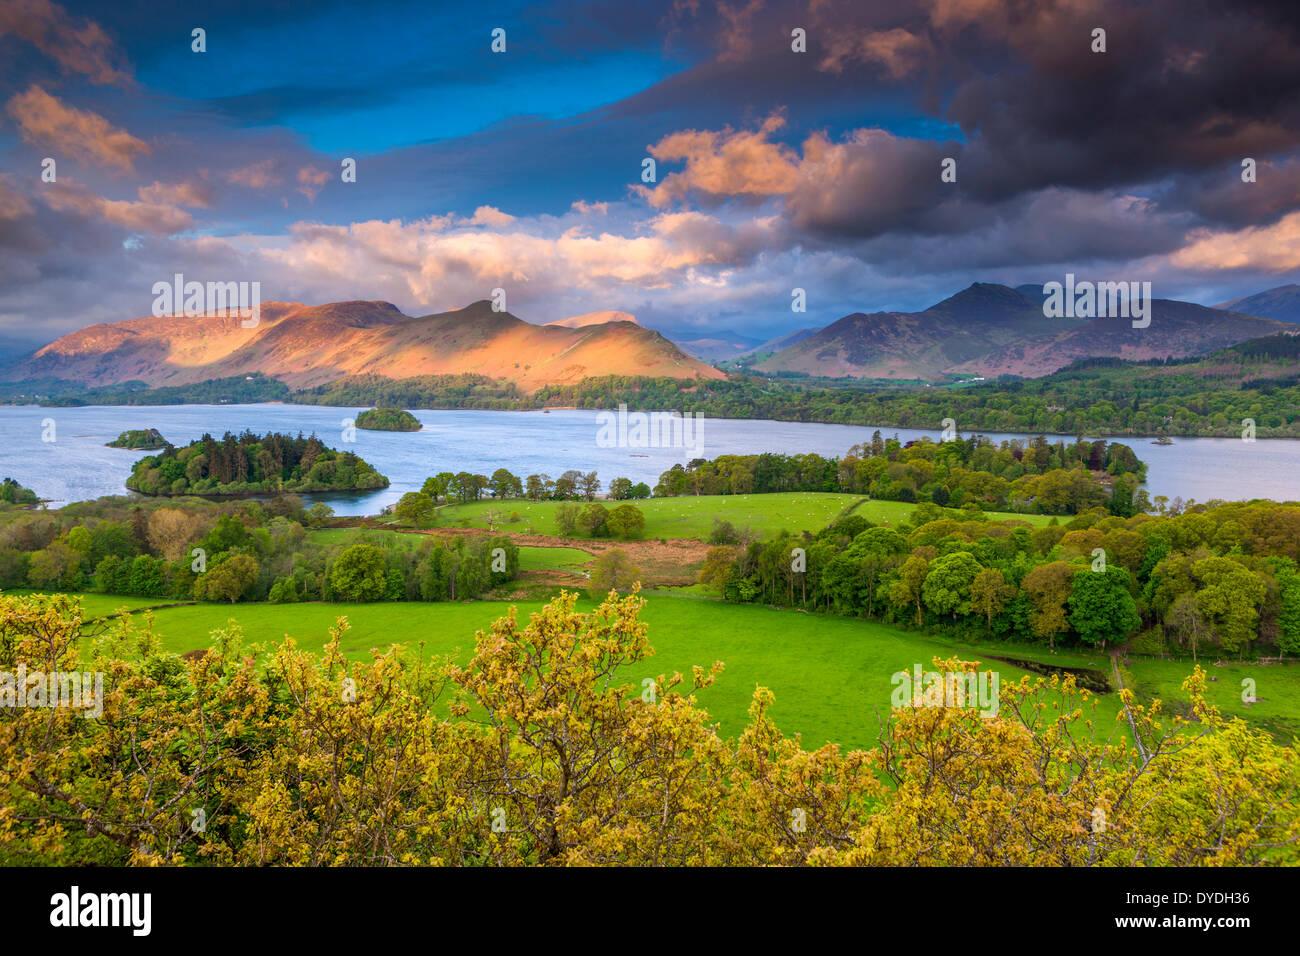 Vistas desde el mirador de madera cerca de Castlerigg Castlehead village a través de Derwentwater hacia Derwent páramos en el Lake District Nat Imagen De Stock